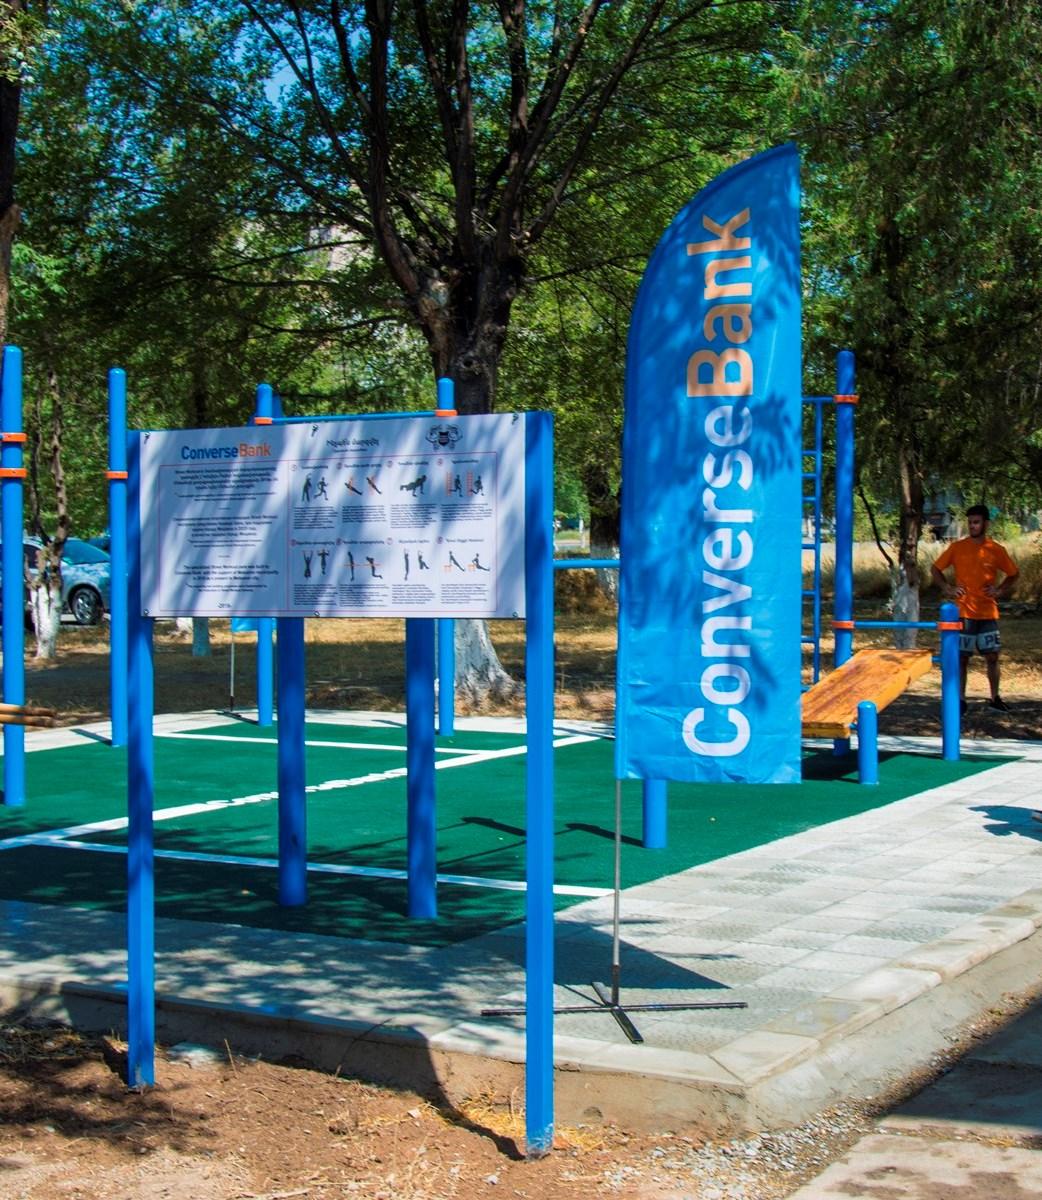 Կոնվերս Բանկ. Մեծամորում պրոֆեսիոնալ մարզահրապարակ է բացվել